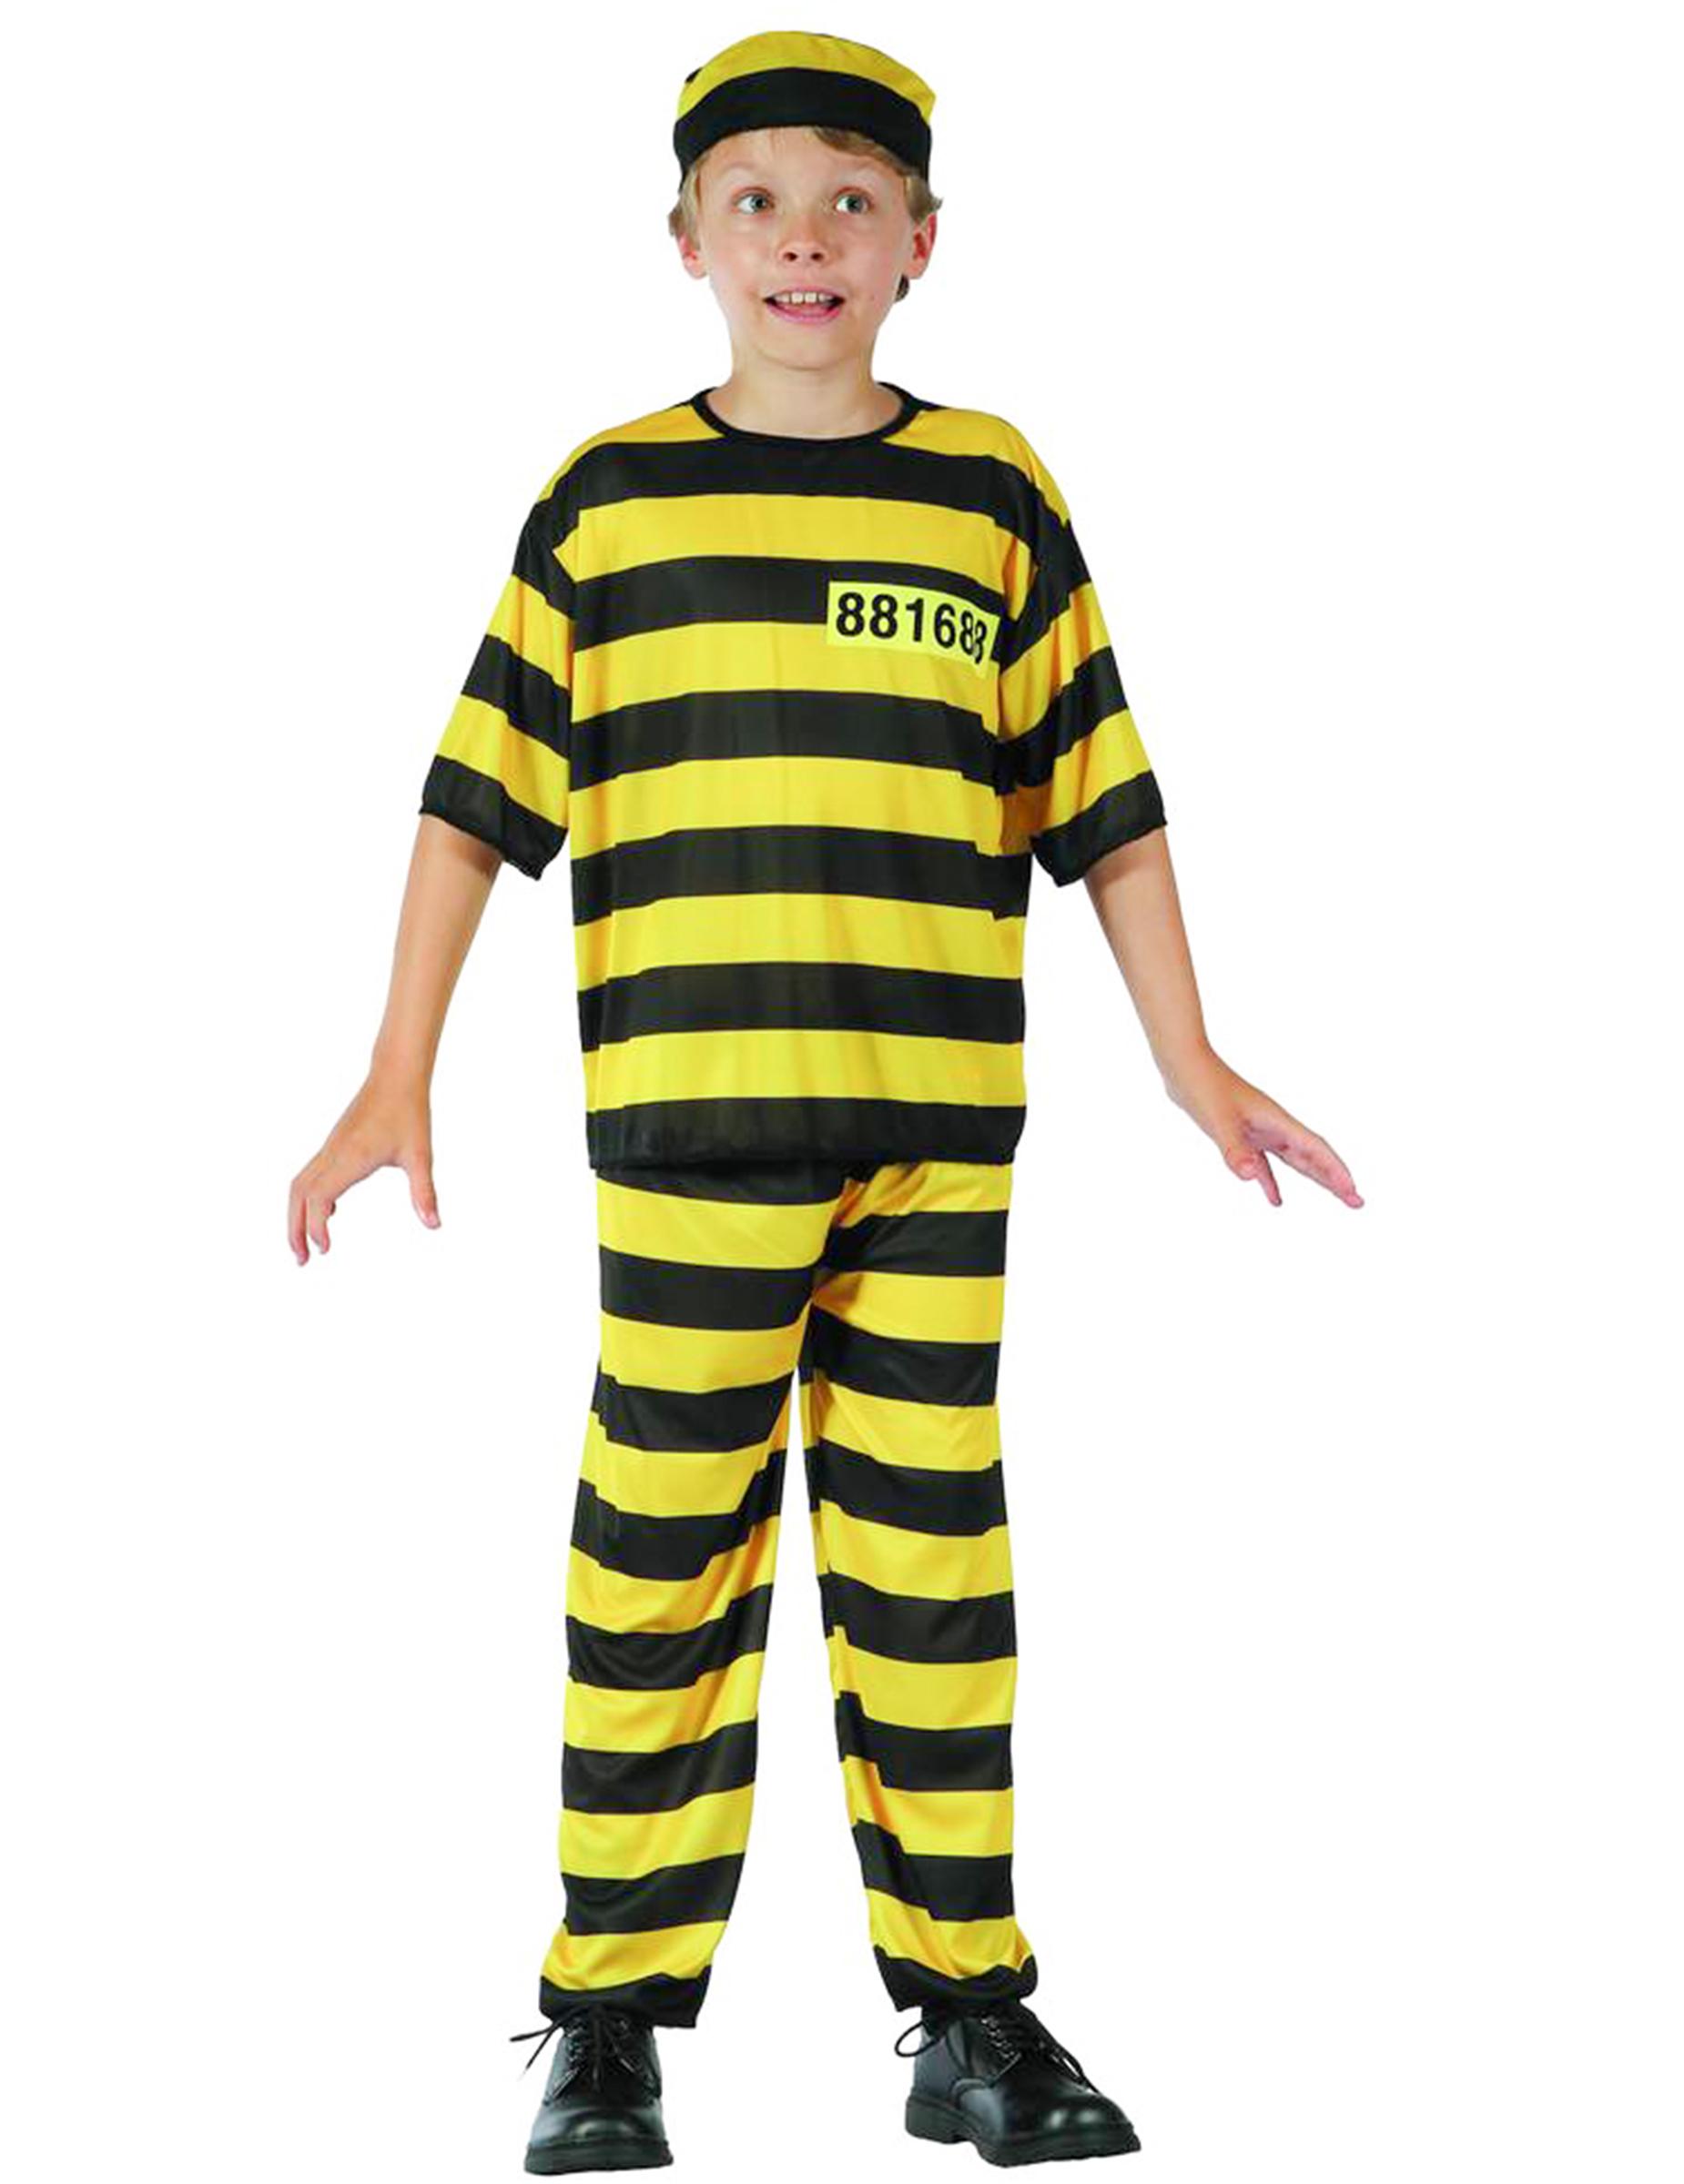 gelb schwarzes str flingskost m f r jungen kost me f r kinder und g nstige faschingskost me. Black Bedroom Furniture Sets. Home Design Ideas